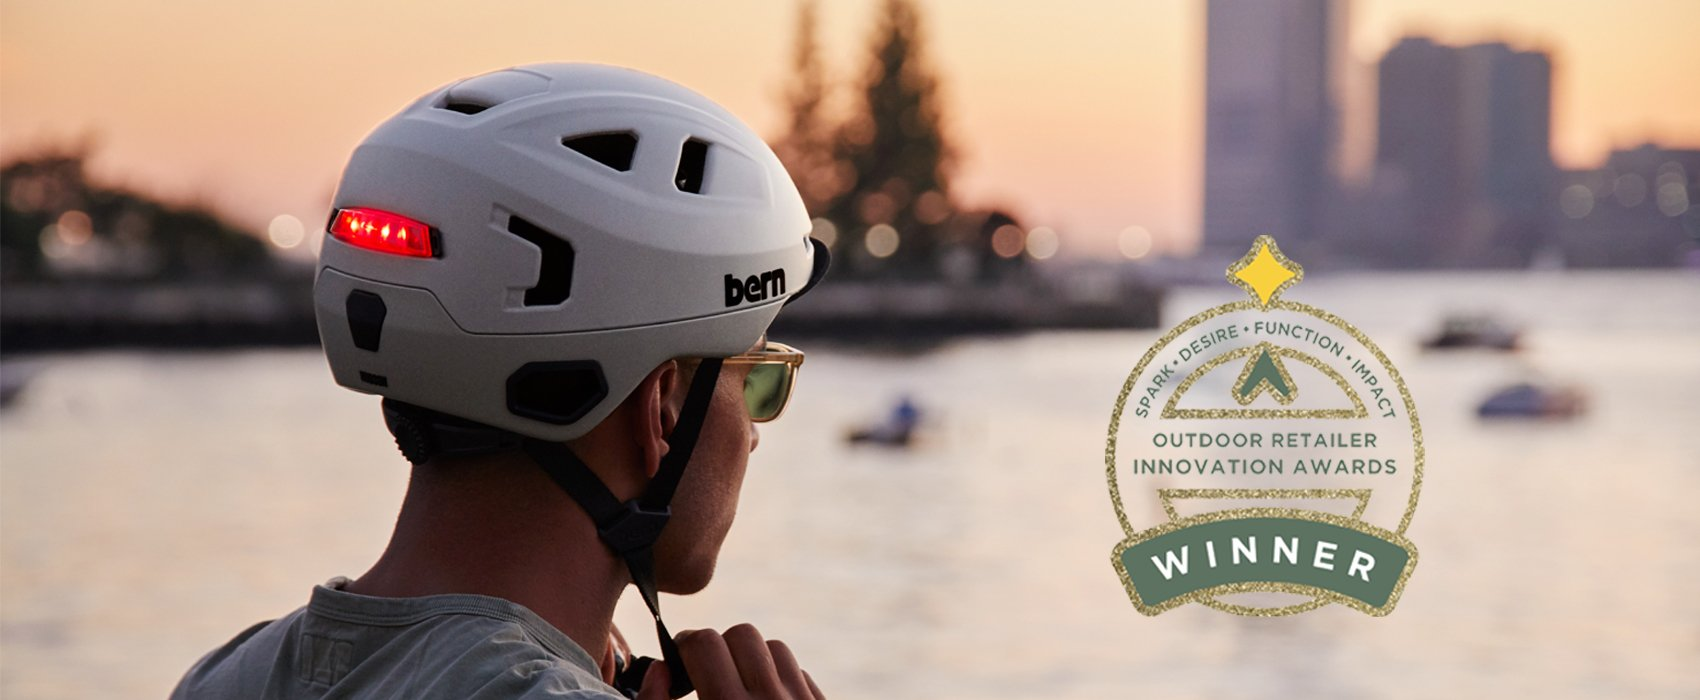 Bern Award Winner